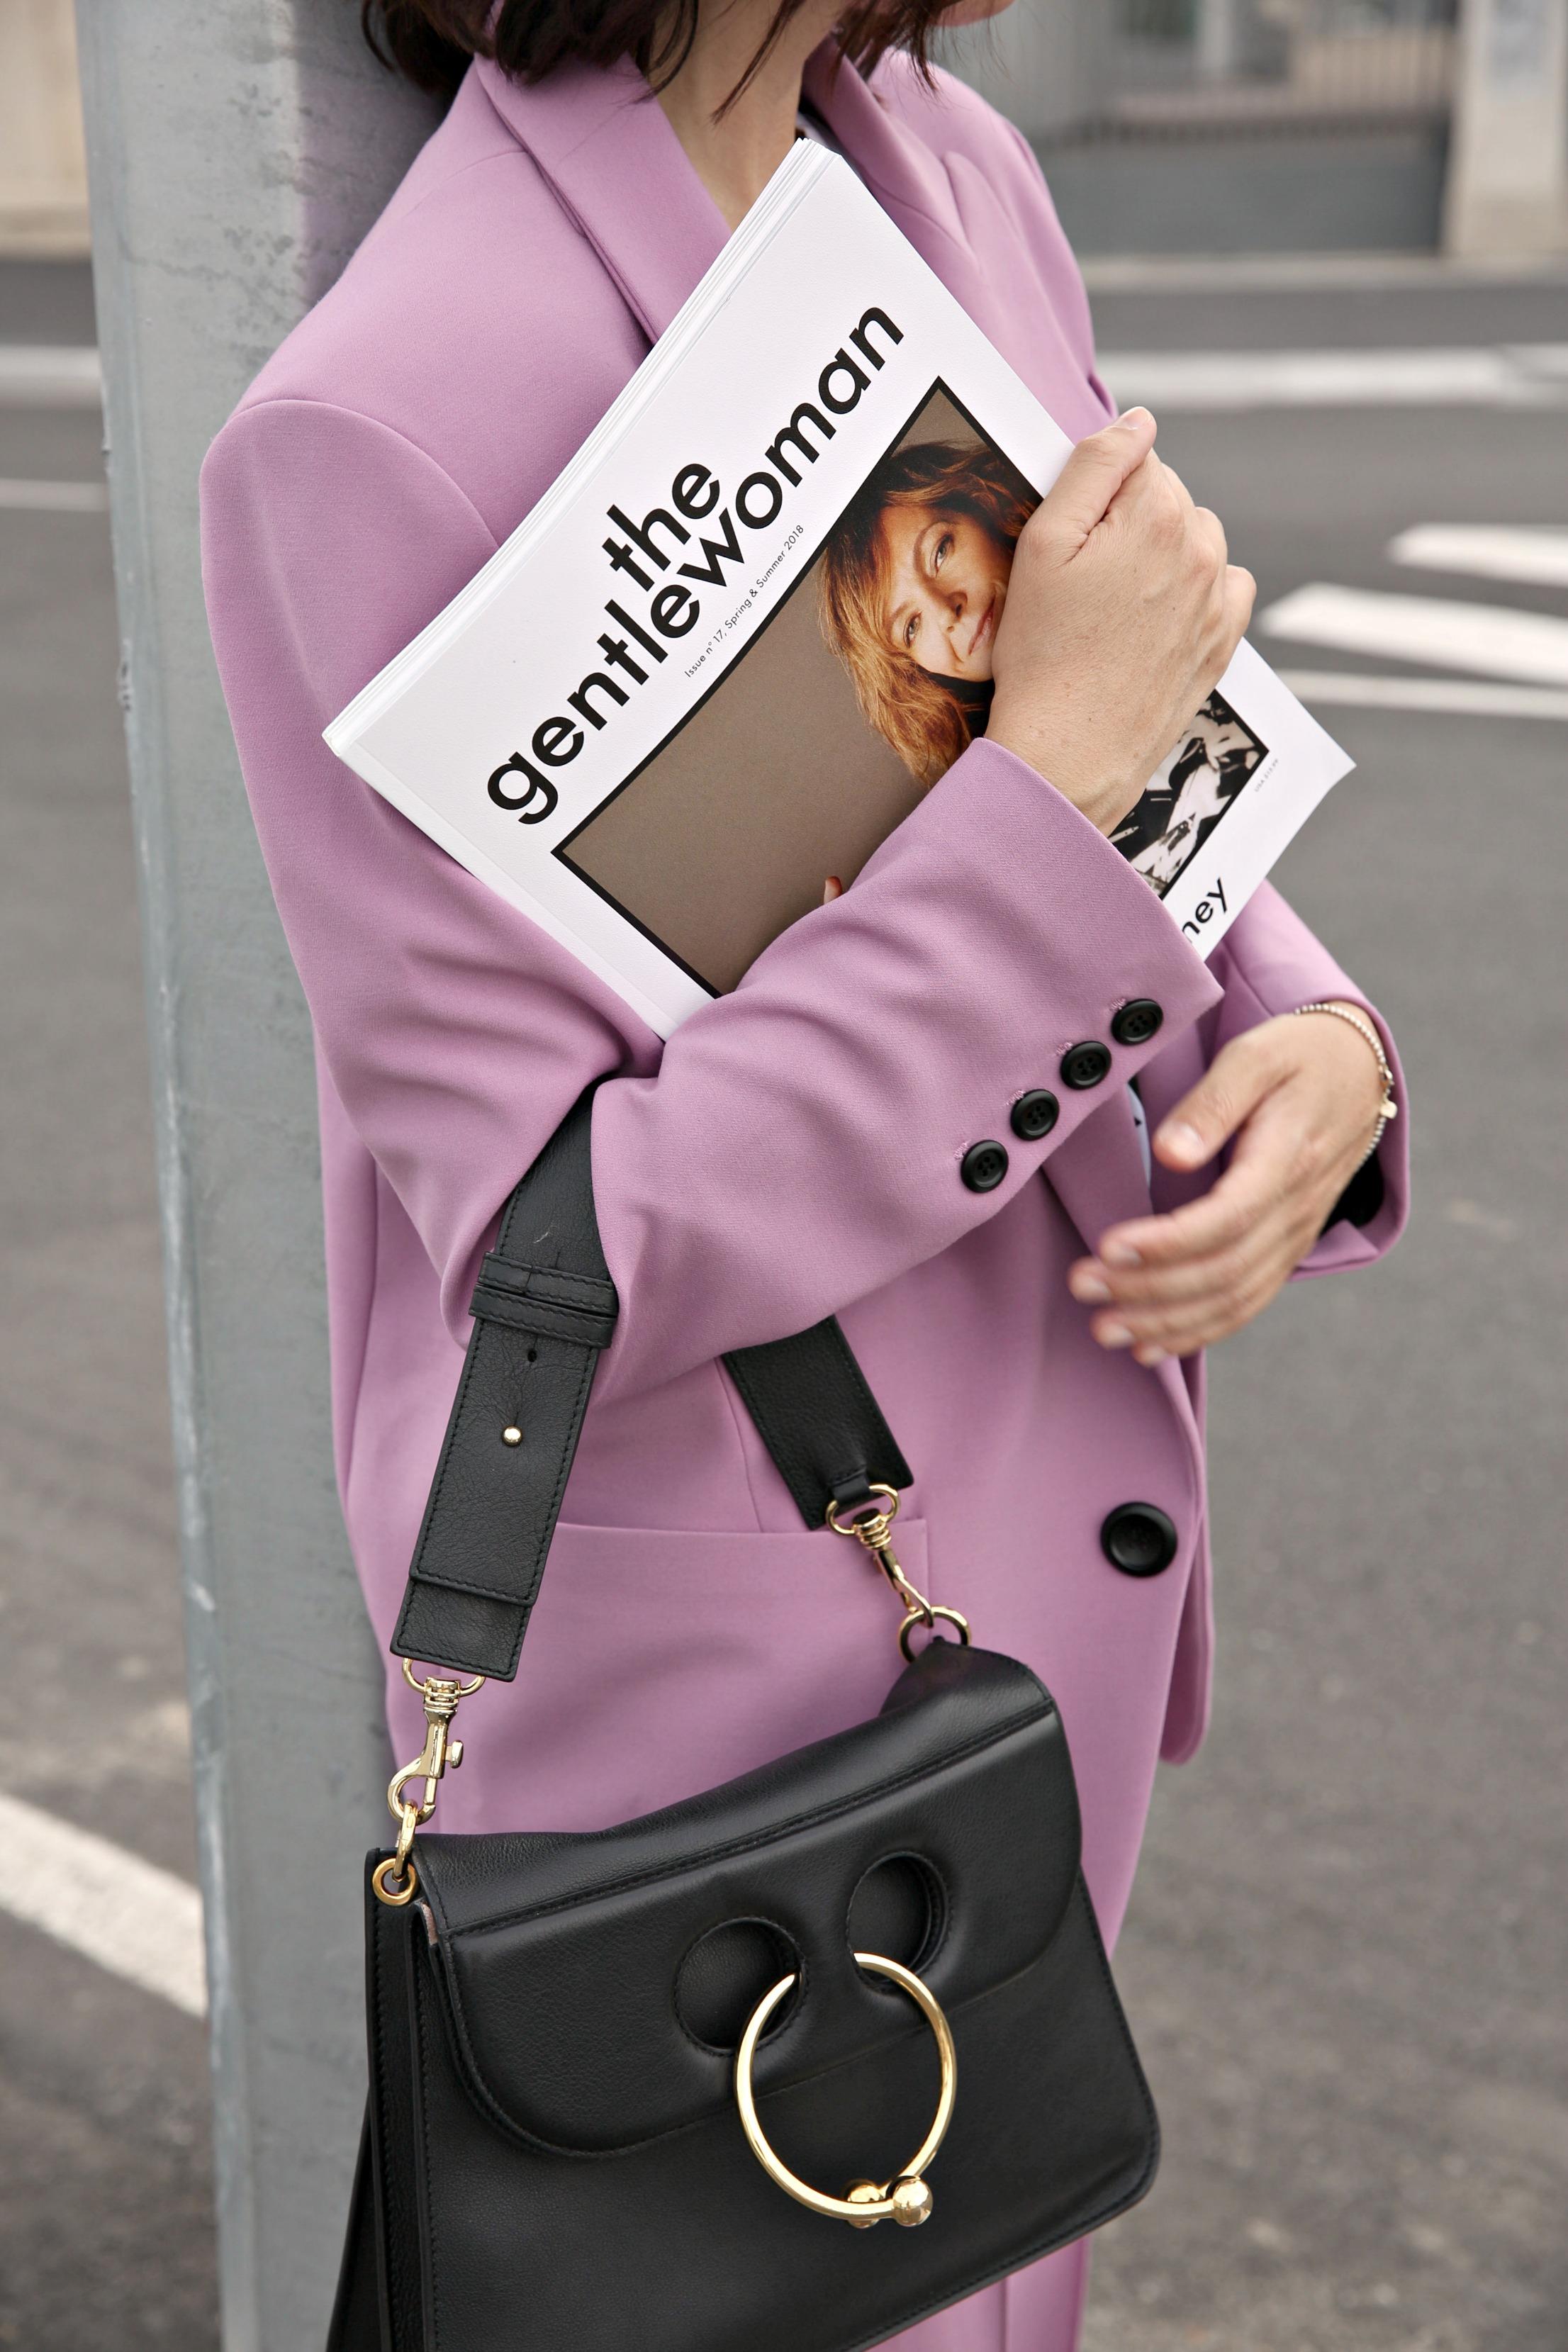 designer famosi moda, isabelle blanche paris, outfit autunno inverno 2018.19, theladycracy.it, elisa bellino, fashion blogger italia 2018, fashion blog italiani 2018, jw anderson bag, fila sneakers outfit, minimal blogger 2018, chi seguire su instagram blogger 2018, come indossare tailleur 2018, tailleur rosa outfit, come vestirsi chic 2018, editoriali moda blogger 2018